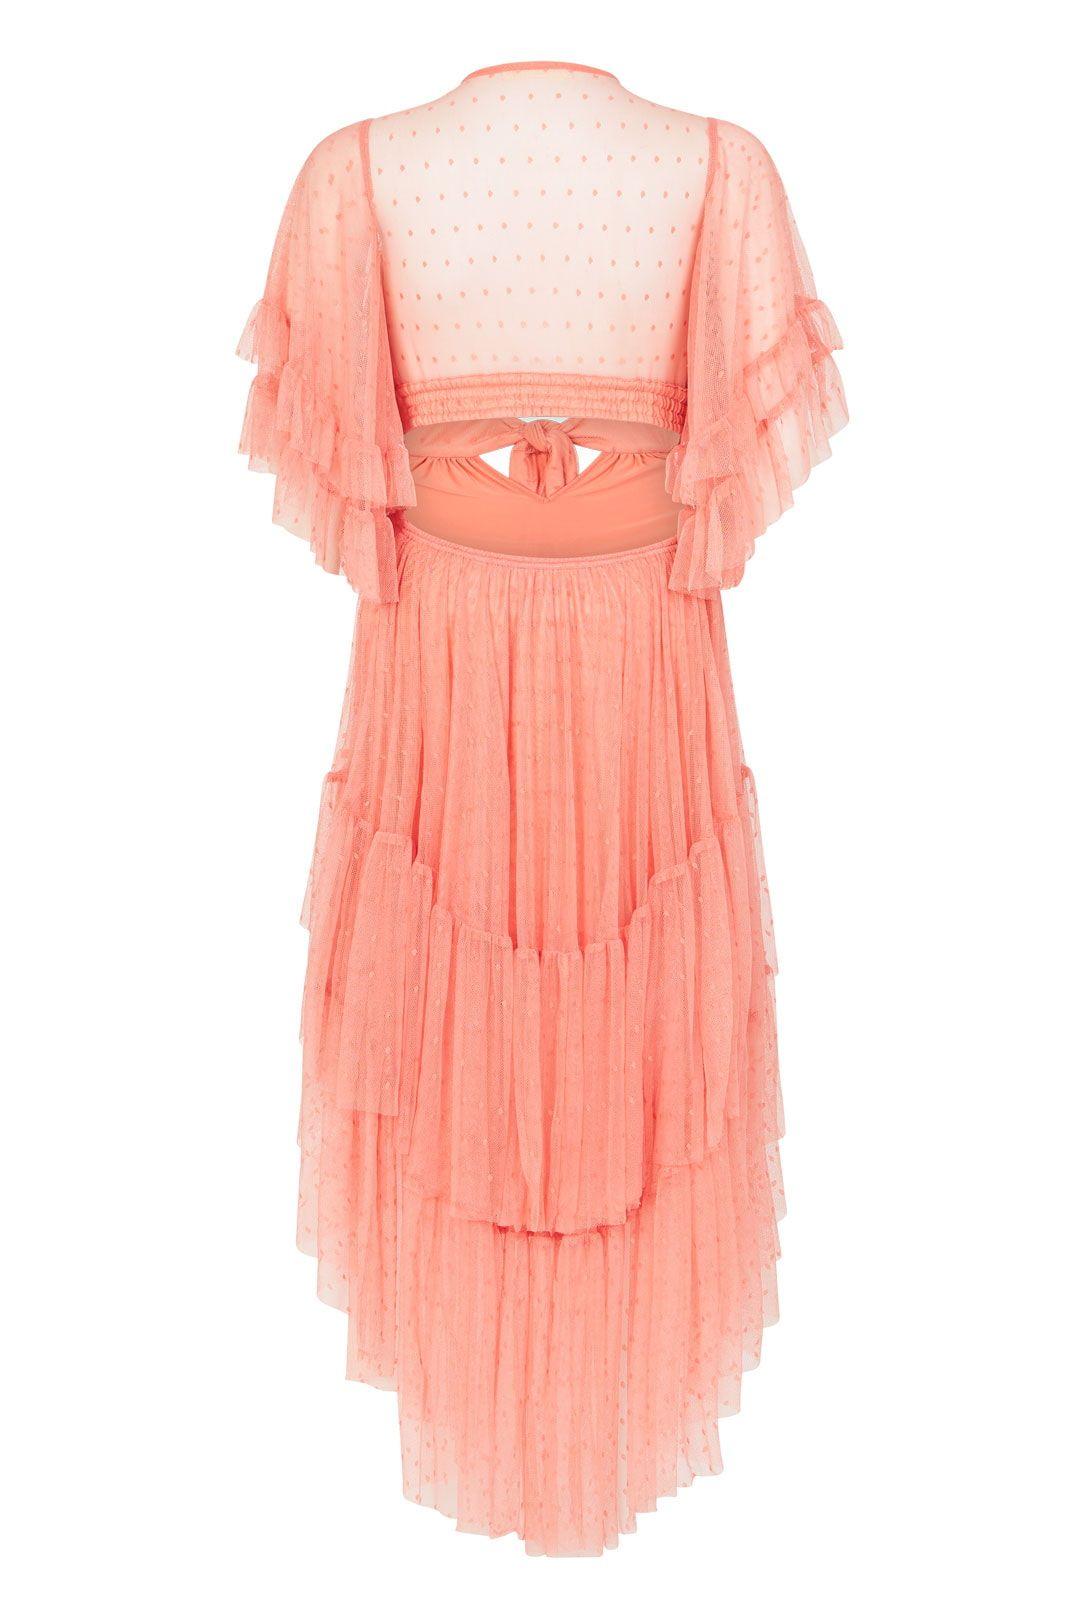 Spell Grace Cutout Gown Peach Full Skirt